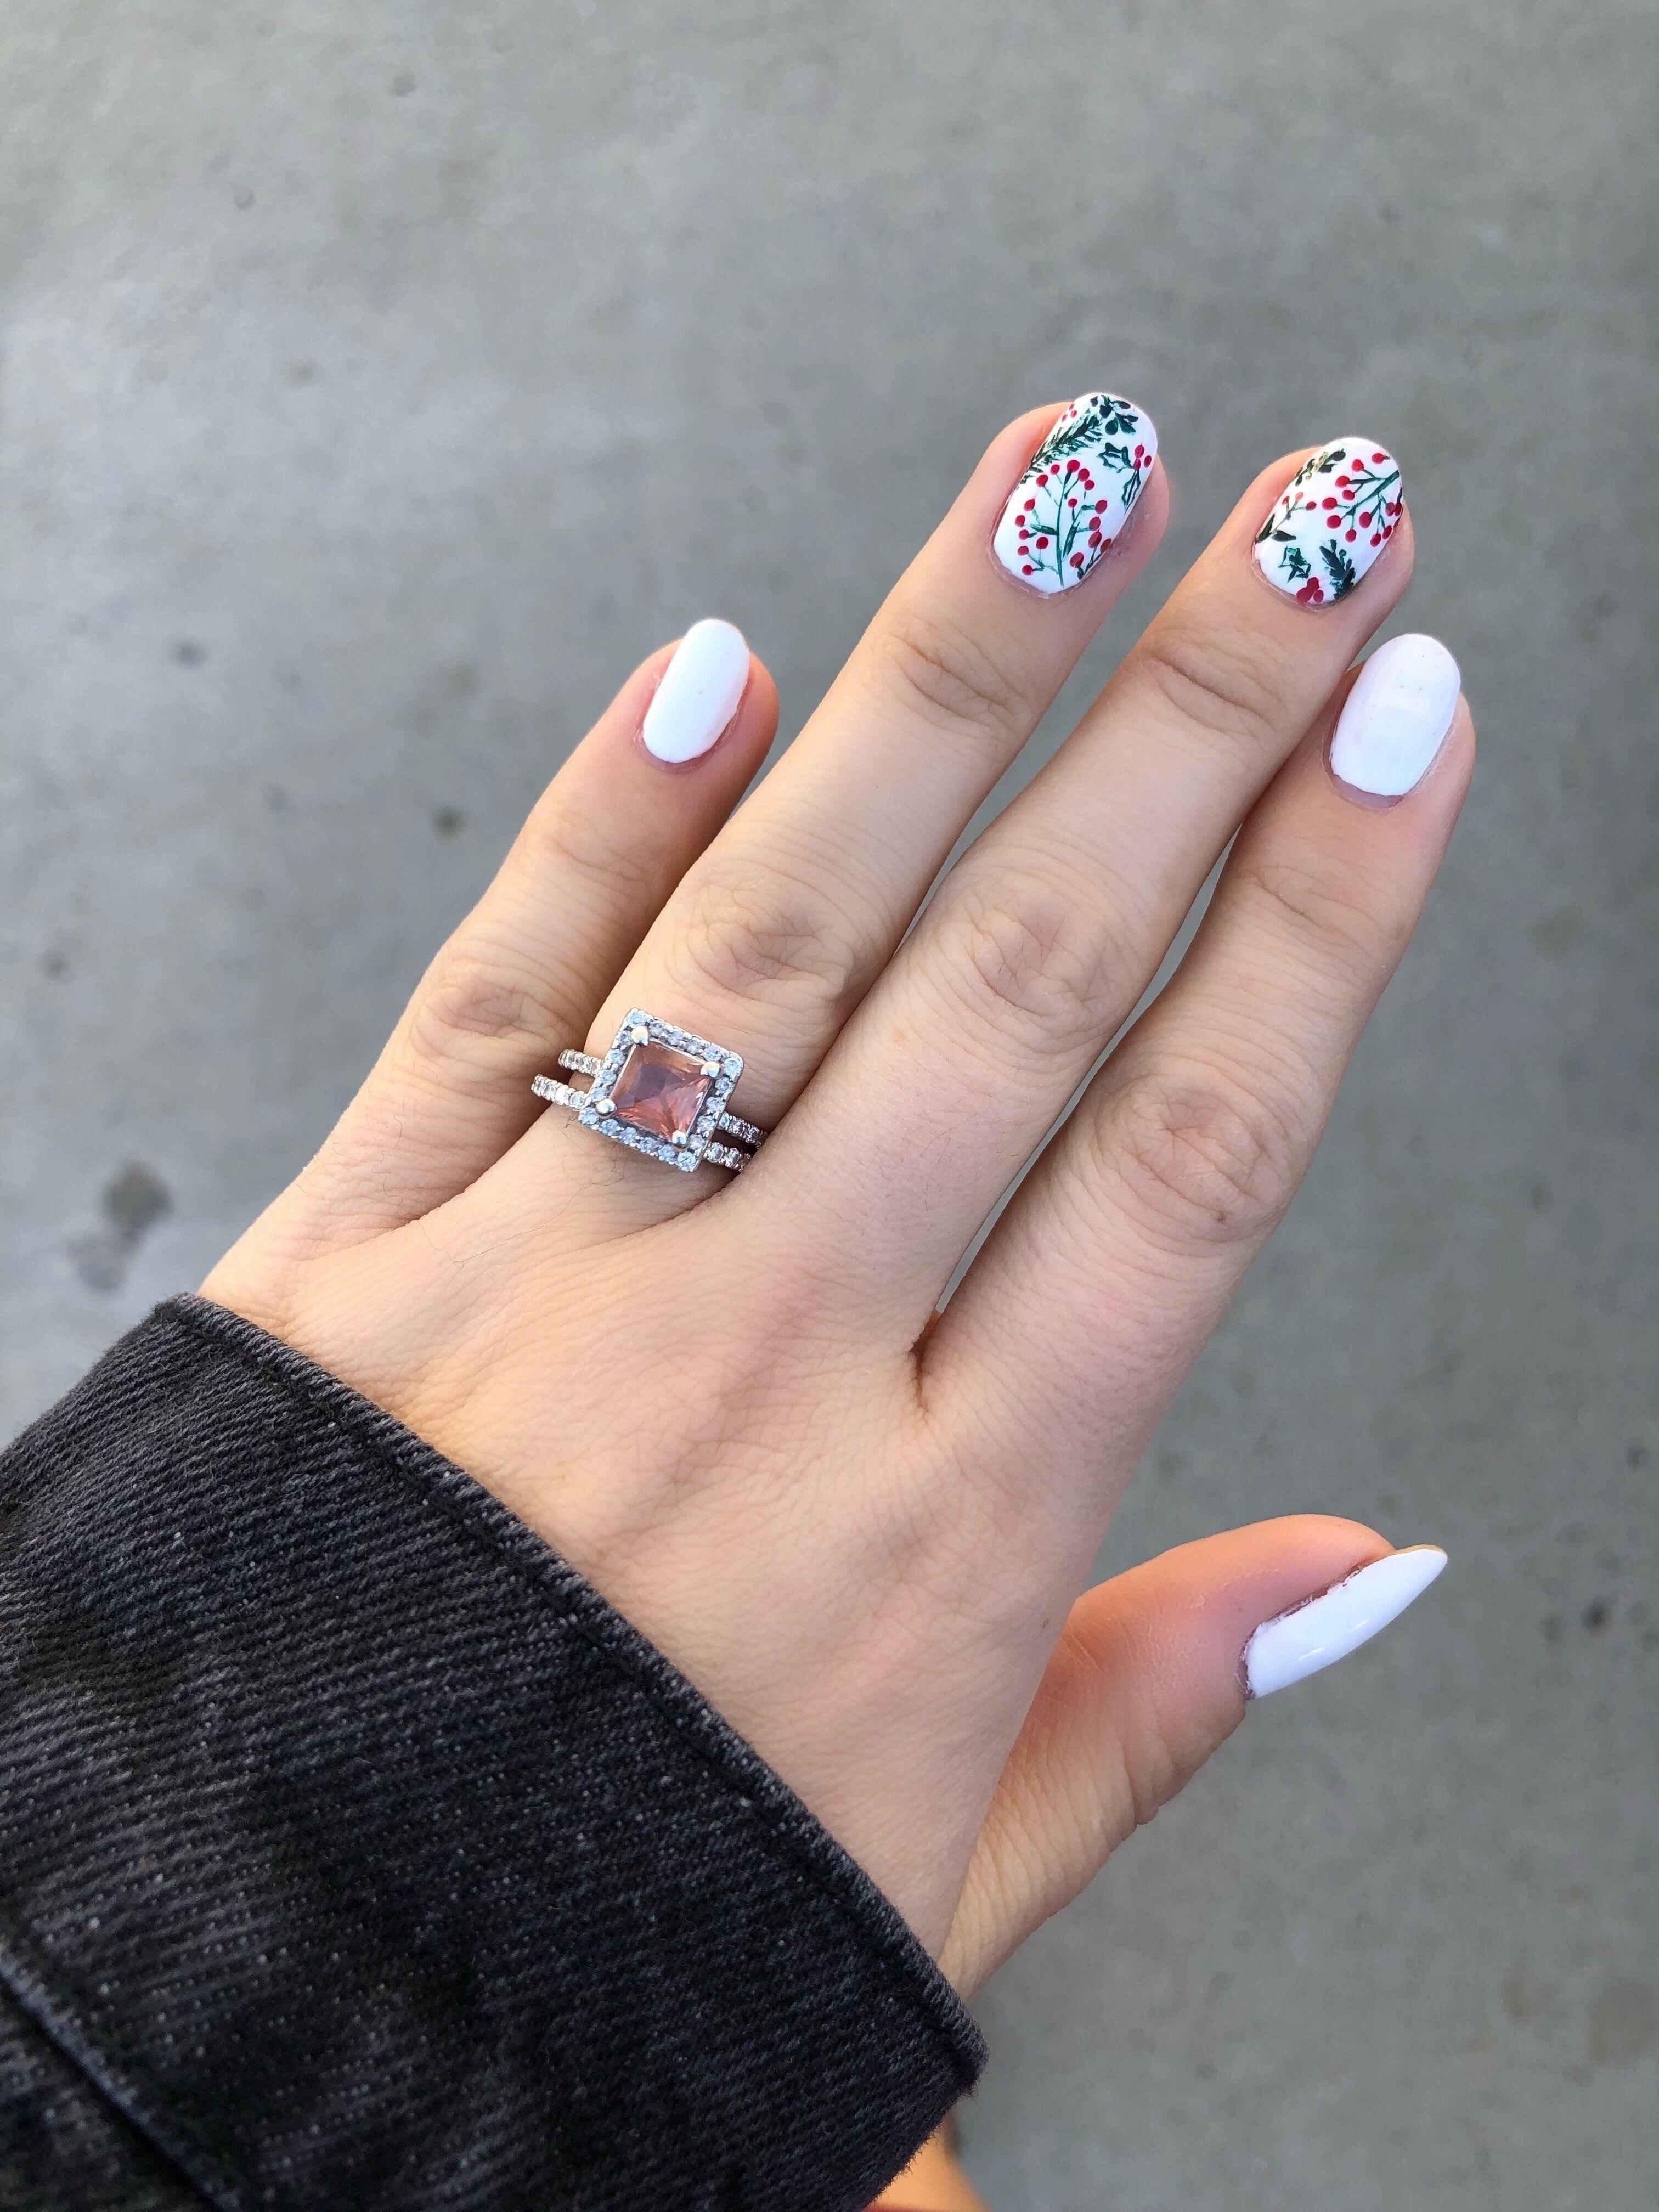 Holly Berry Nail Art | Pinterest | Painted nail art, Holiday nail ...